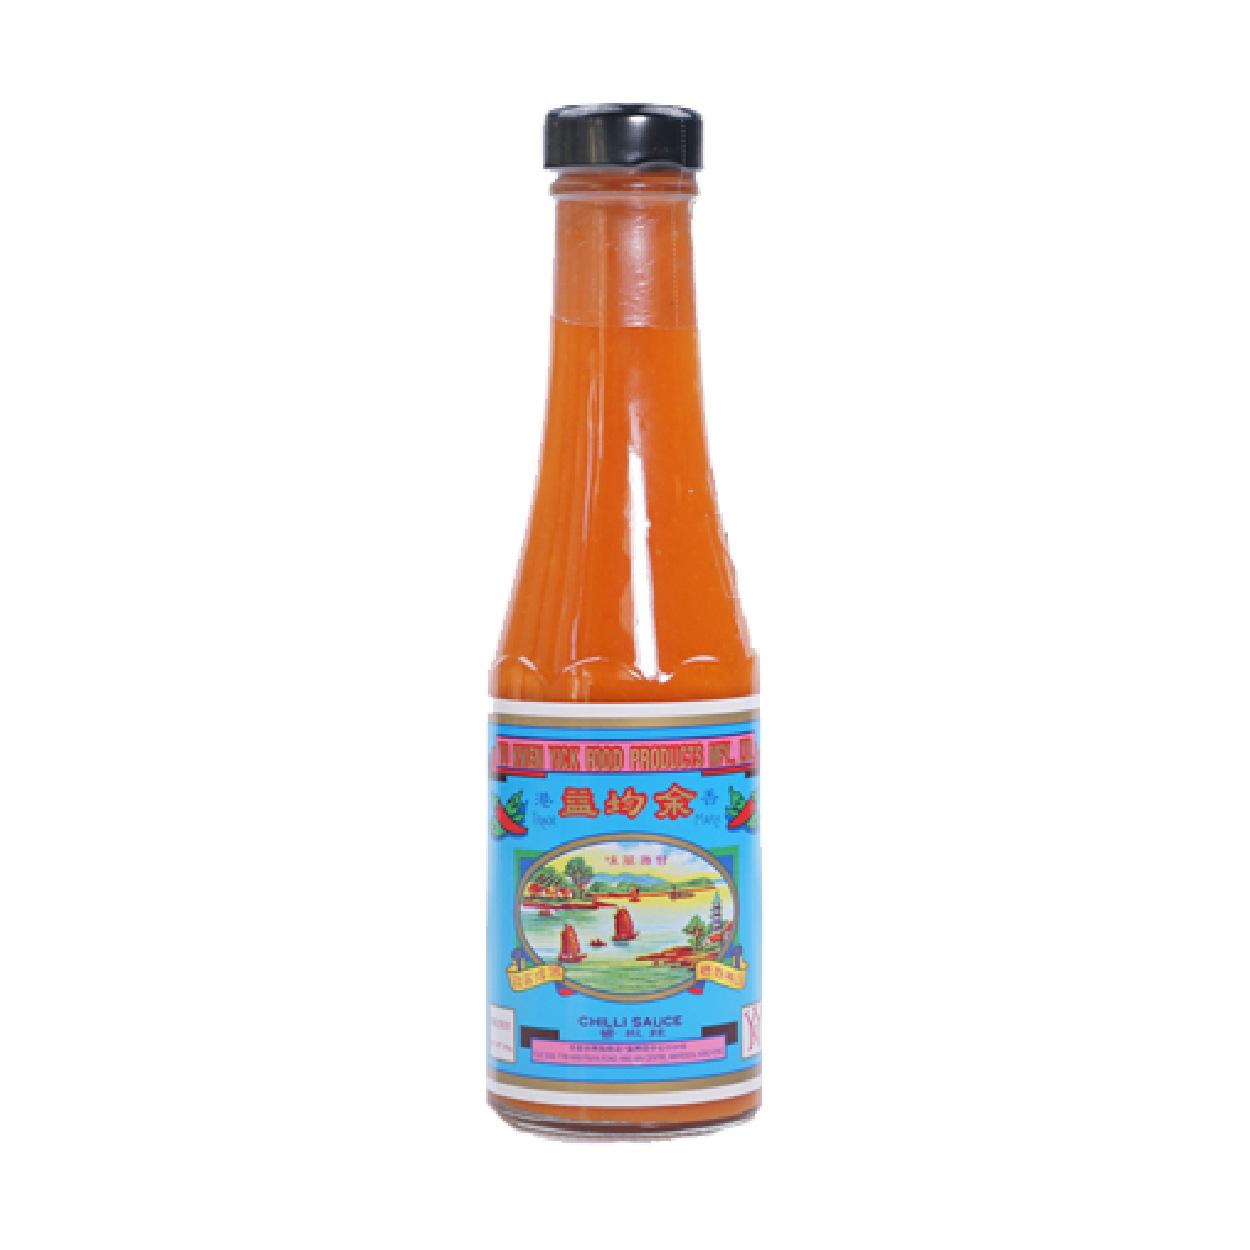 余均益辣椒醬 250g